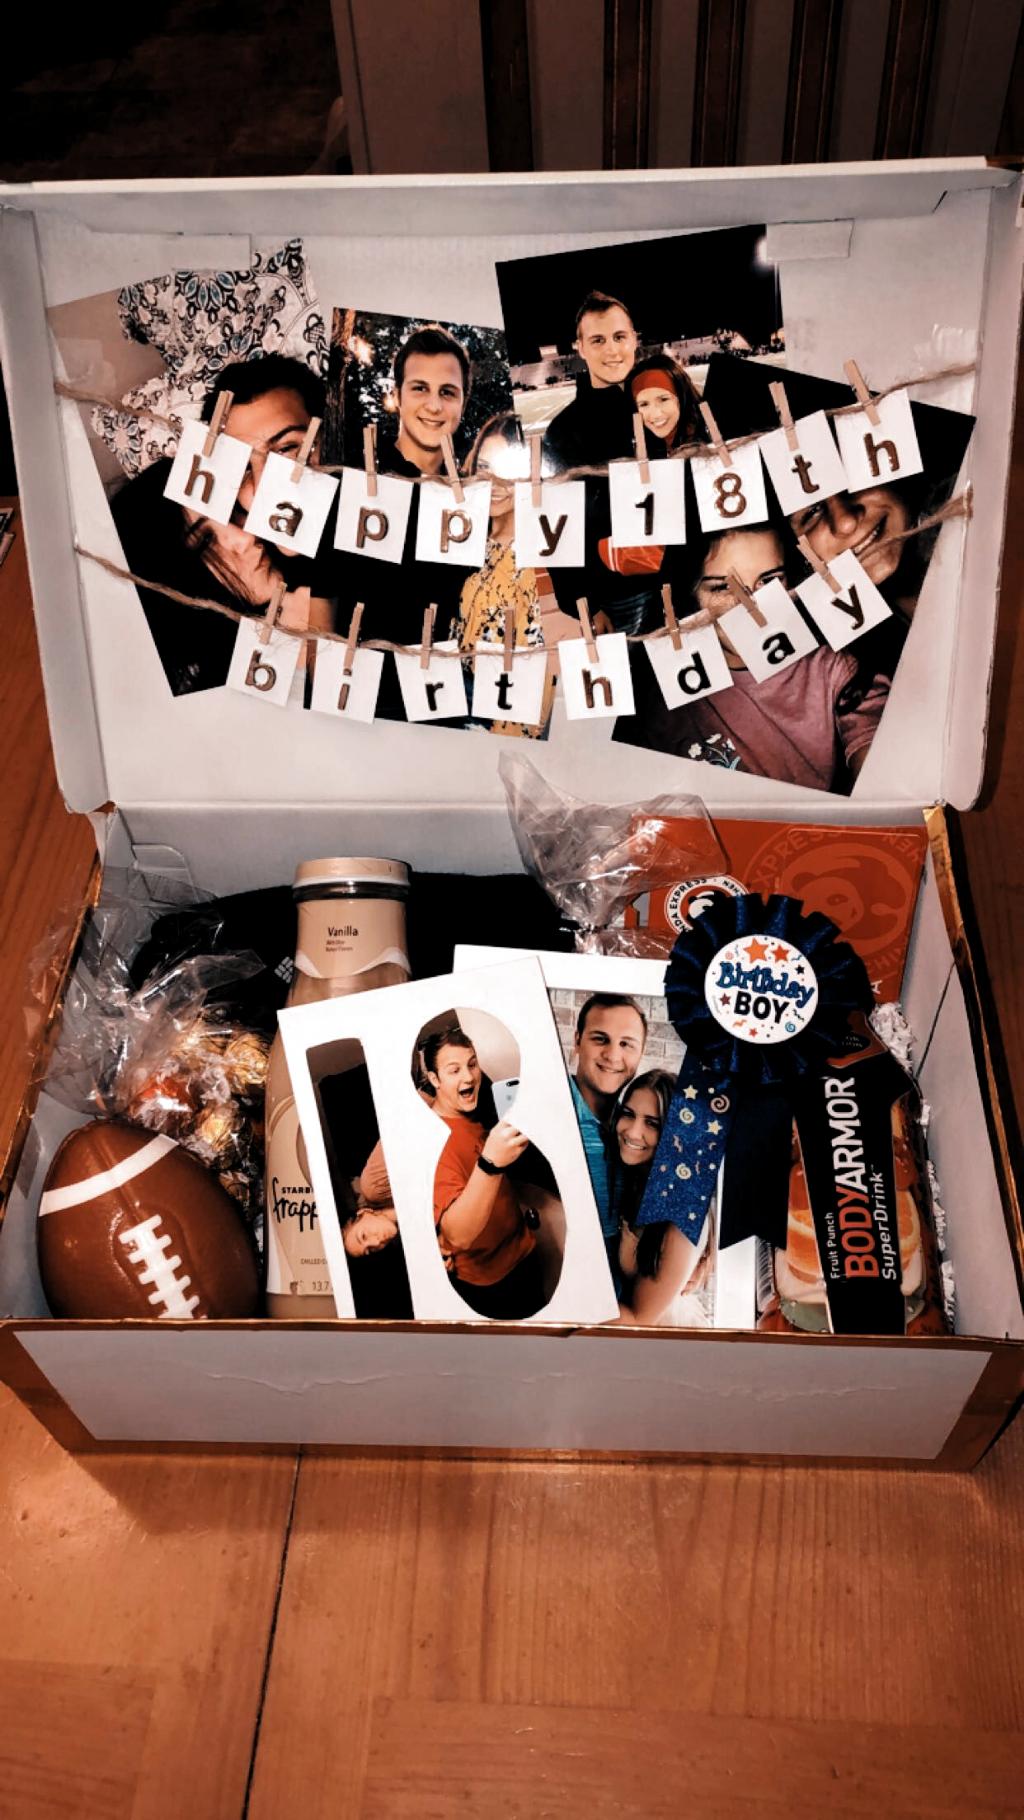 creato questa scatola di compleanno per il compleanno del mio